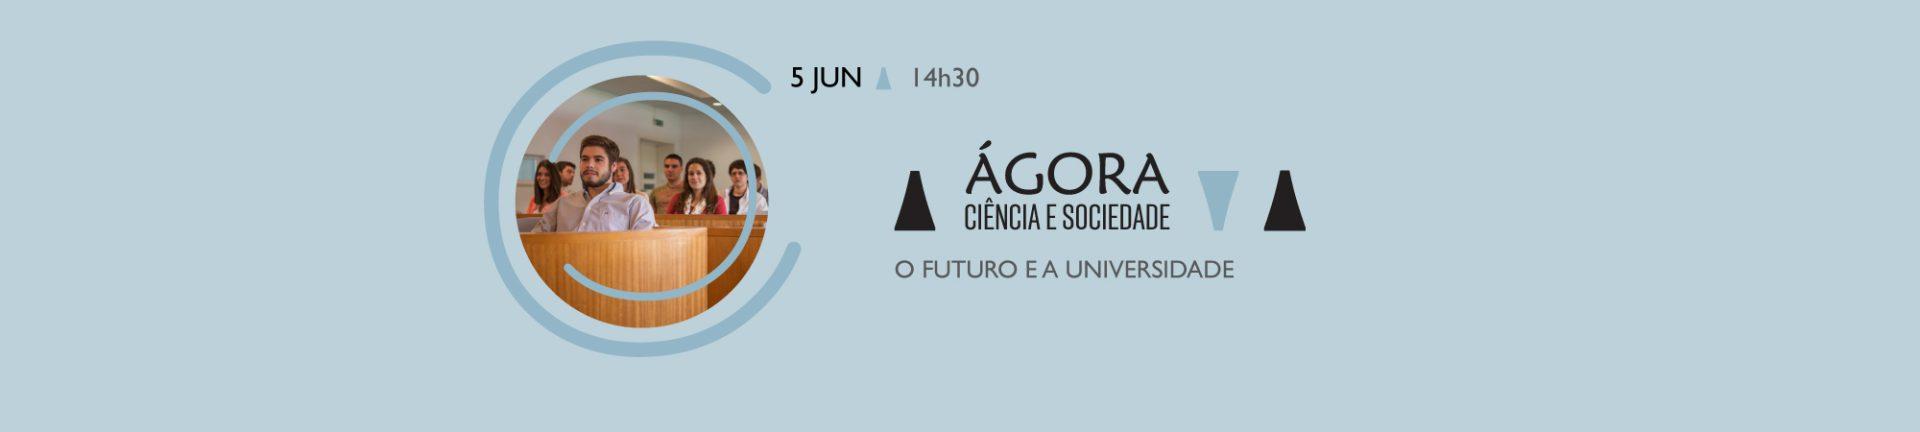 banner_site_agora_sessao9